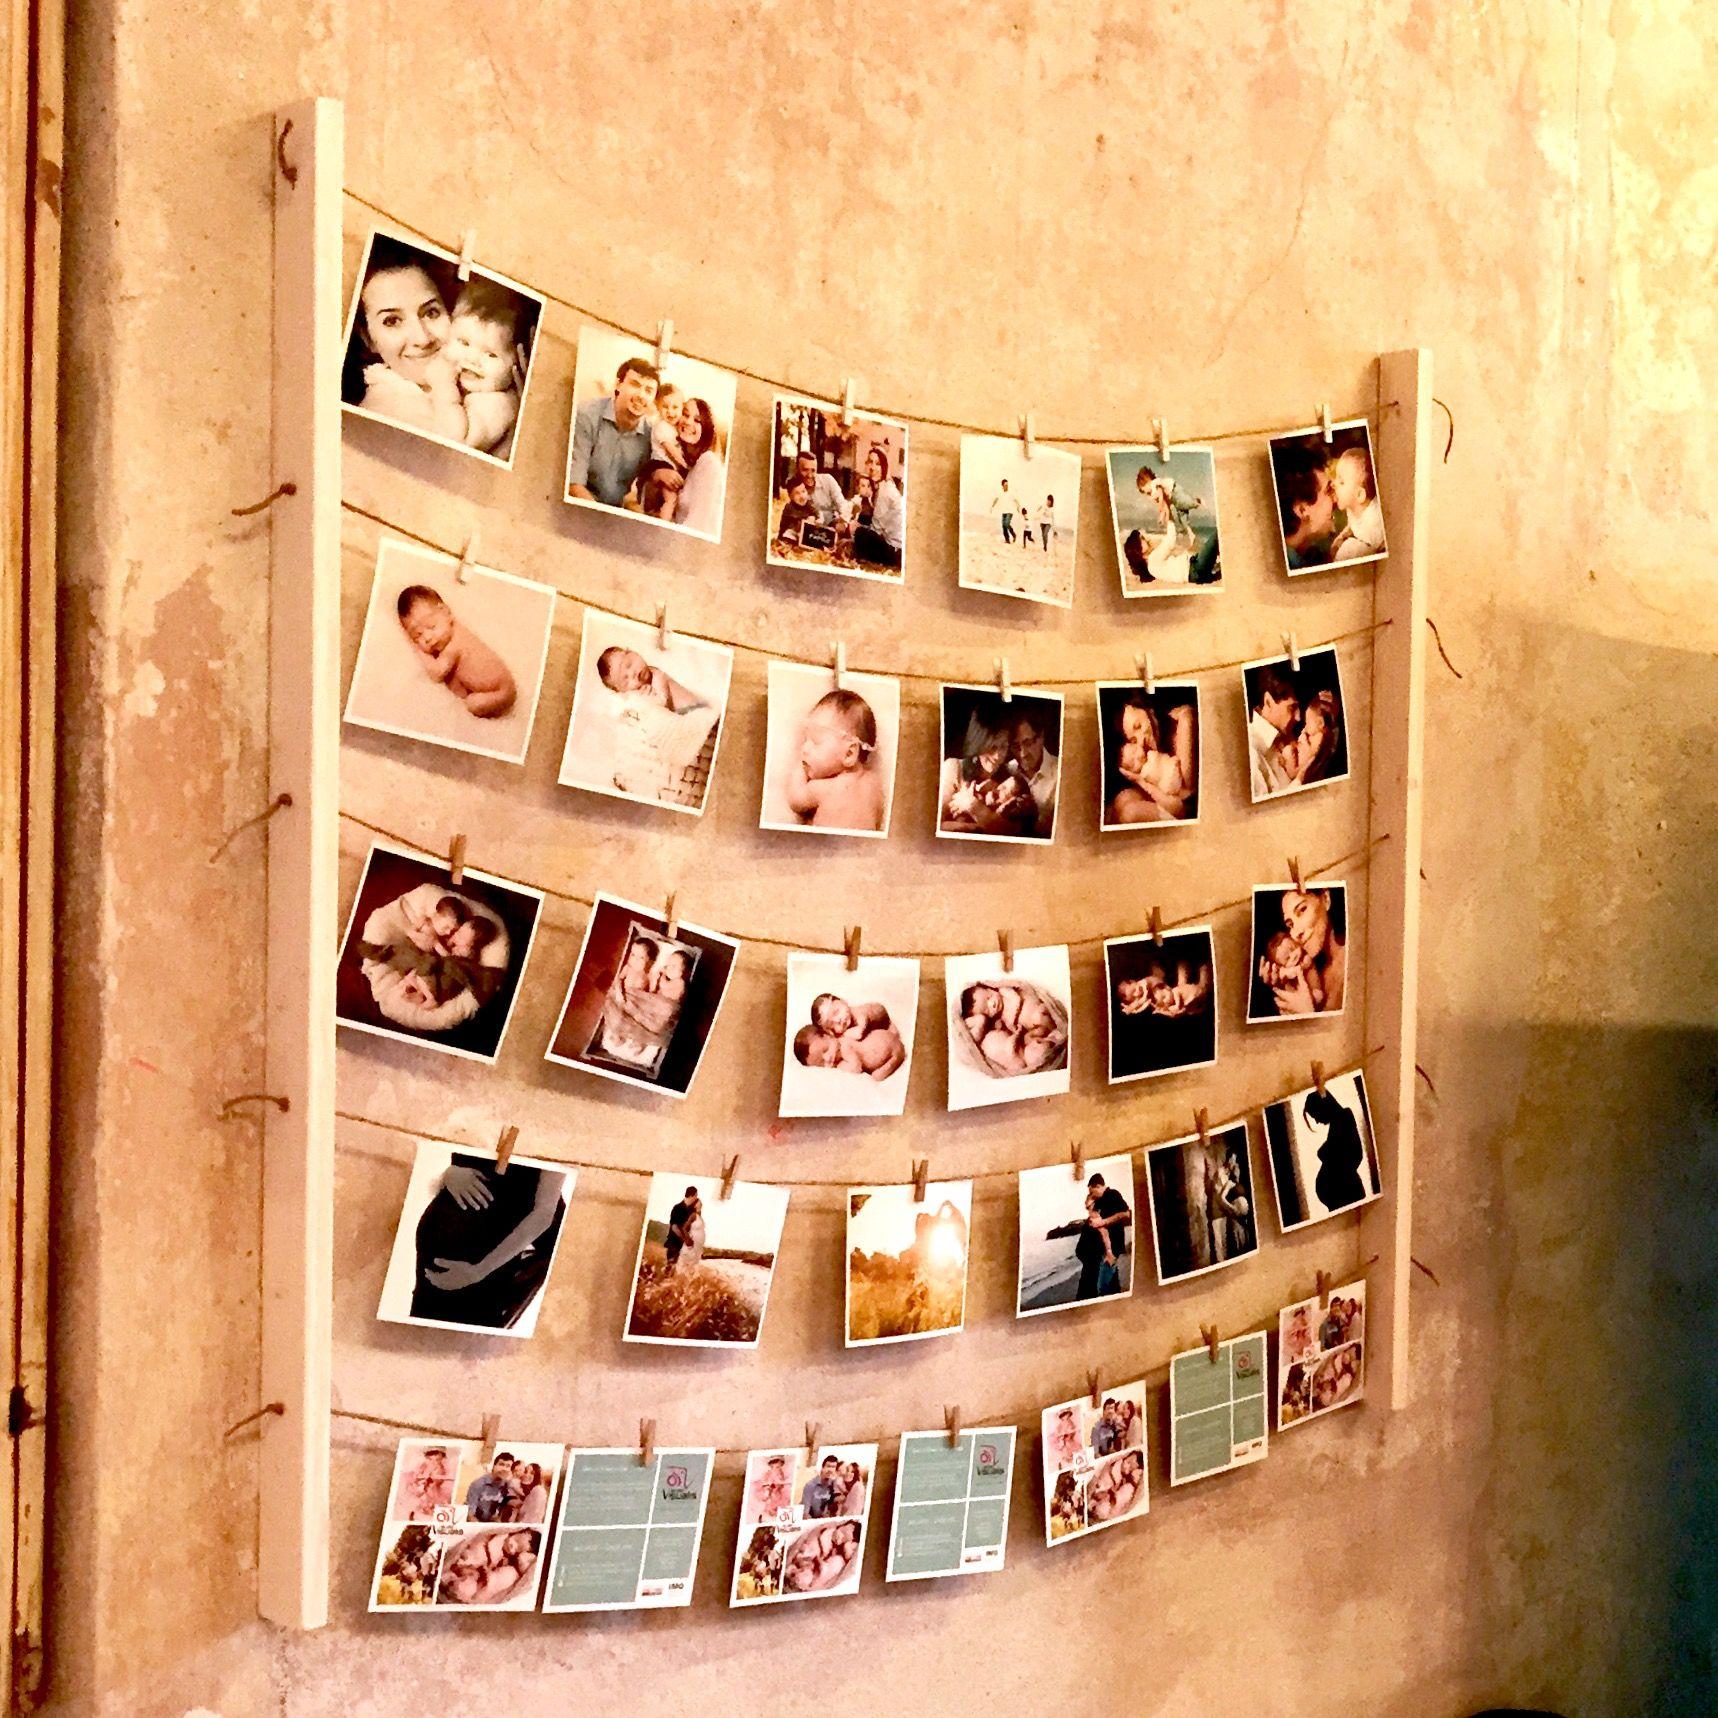 Come costruire un espositore per foto in legno fai da te progetti da provare pinterest - Porta cd fai da te ...